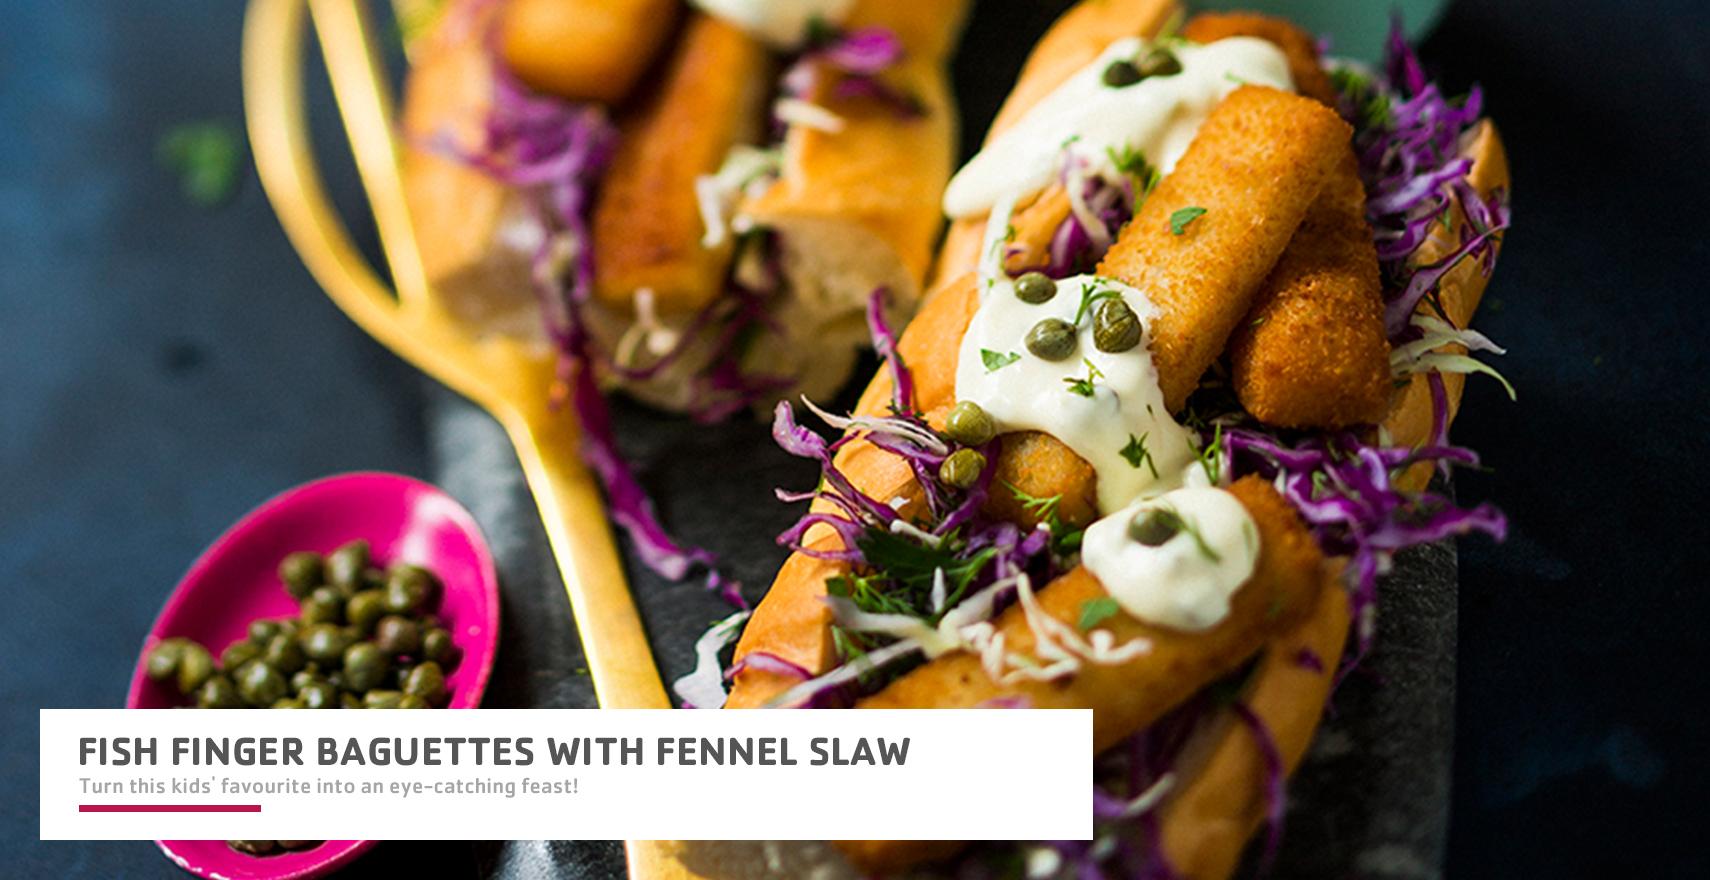 fish-finger-baguettes-with-fennel-slaw.jpg